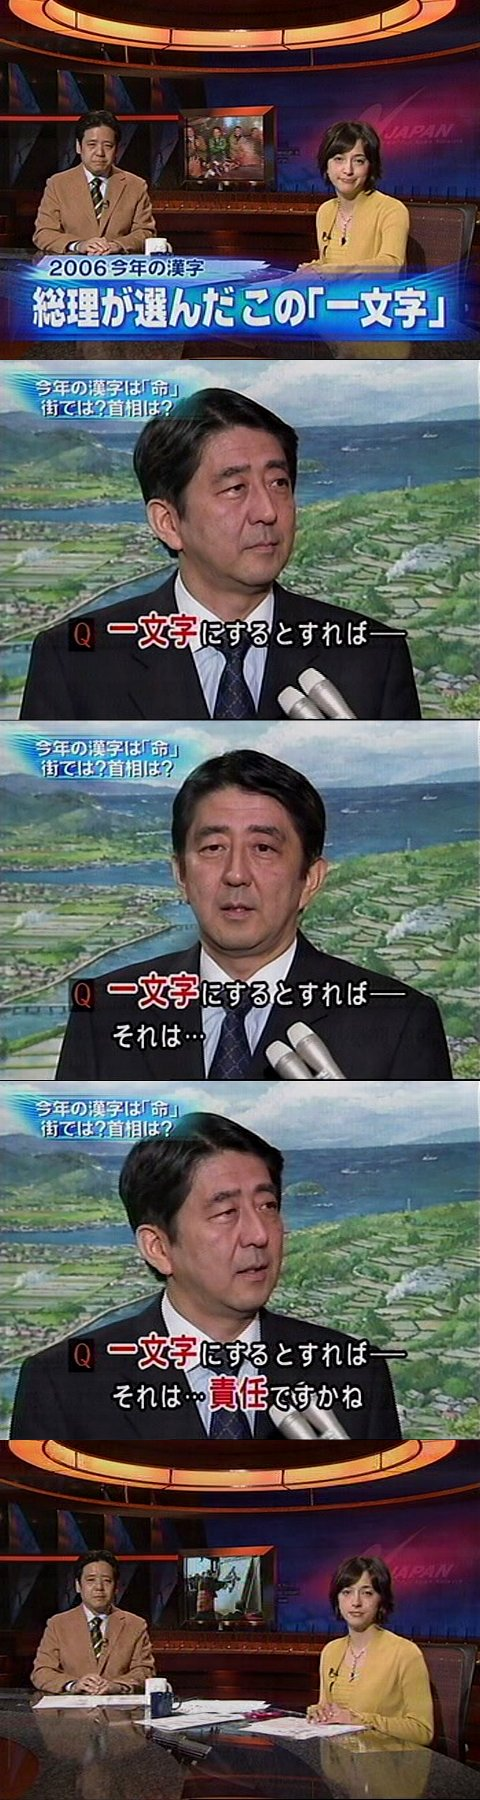 面白画像 聞いてます? 2006年に安倍首相が選んだ今年の「一文字」(笑)tvmovie_0033